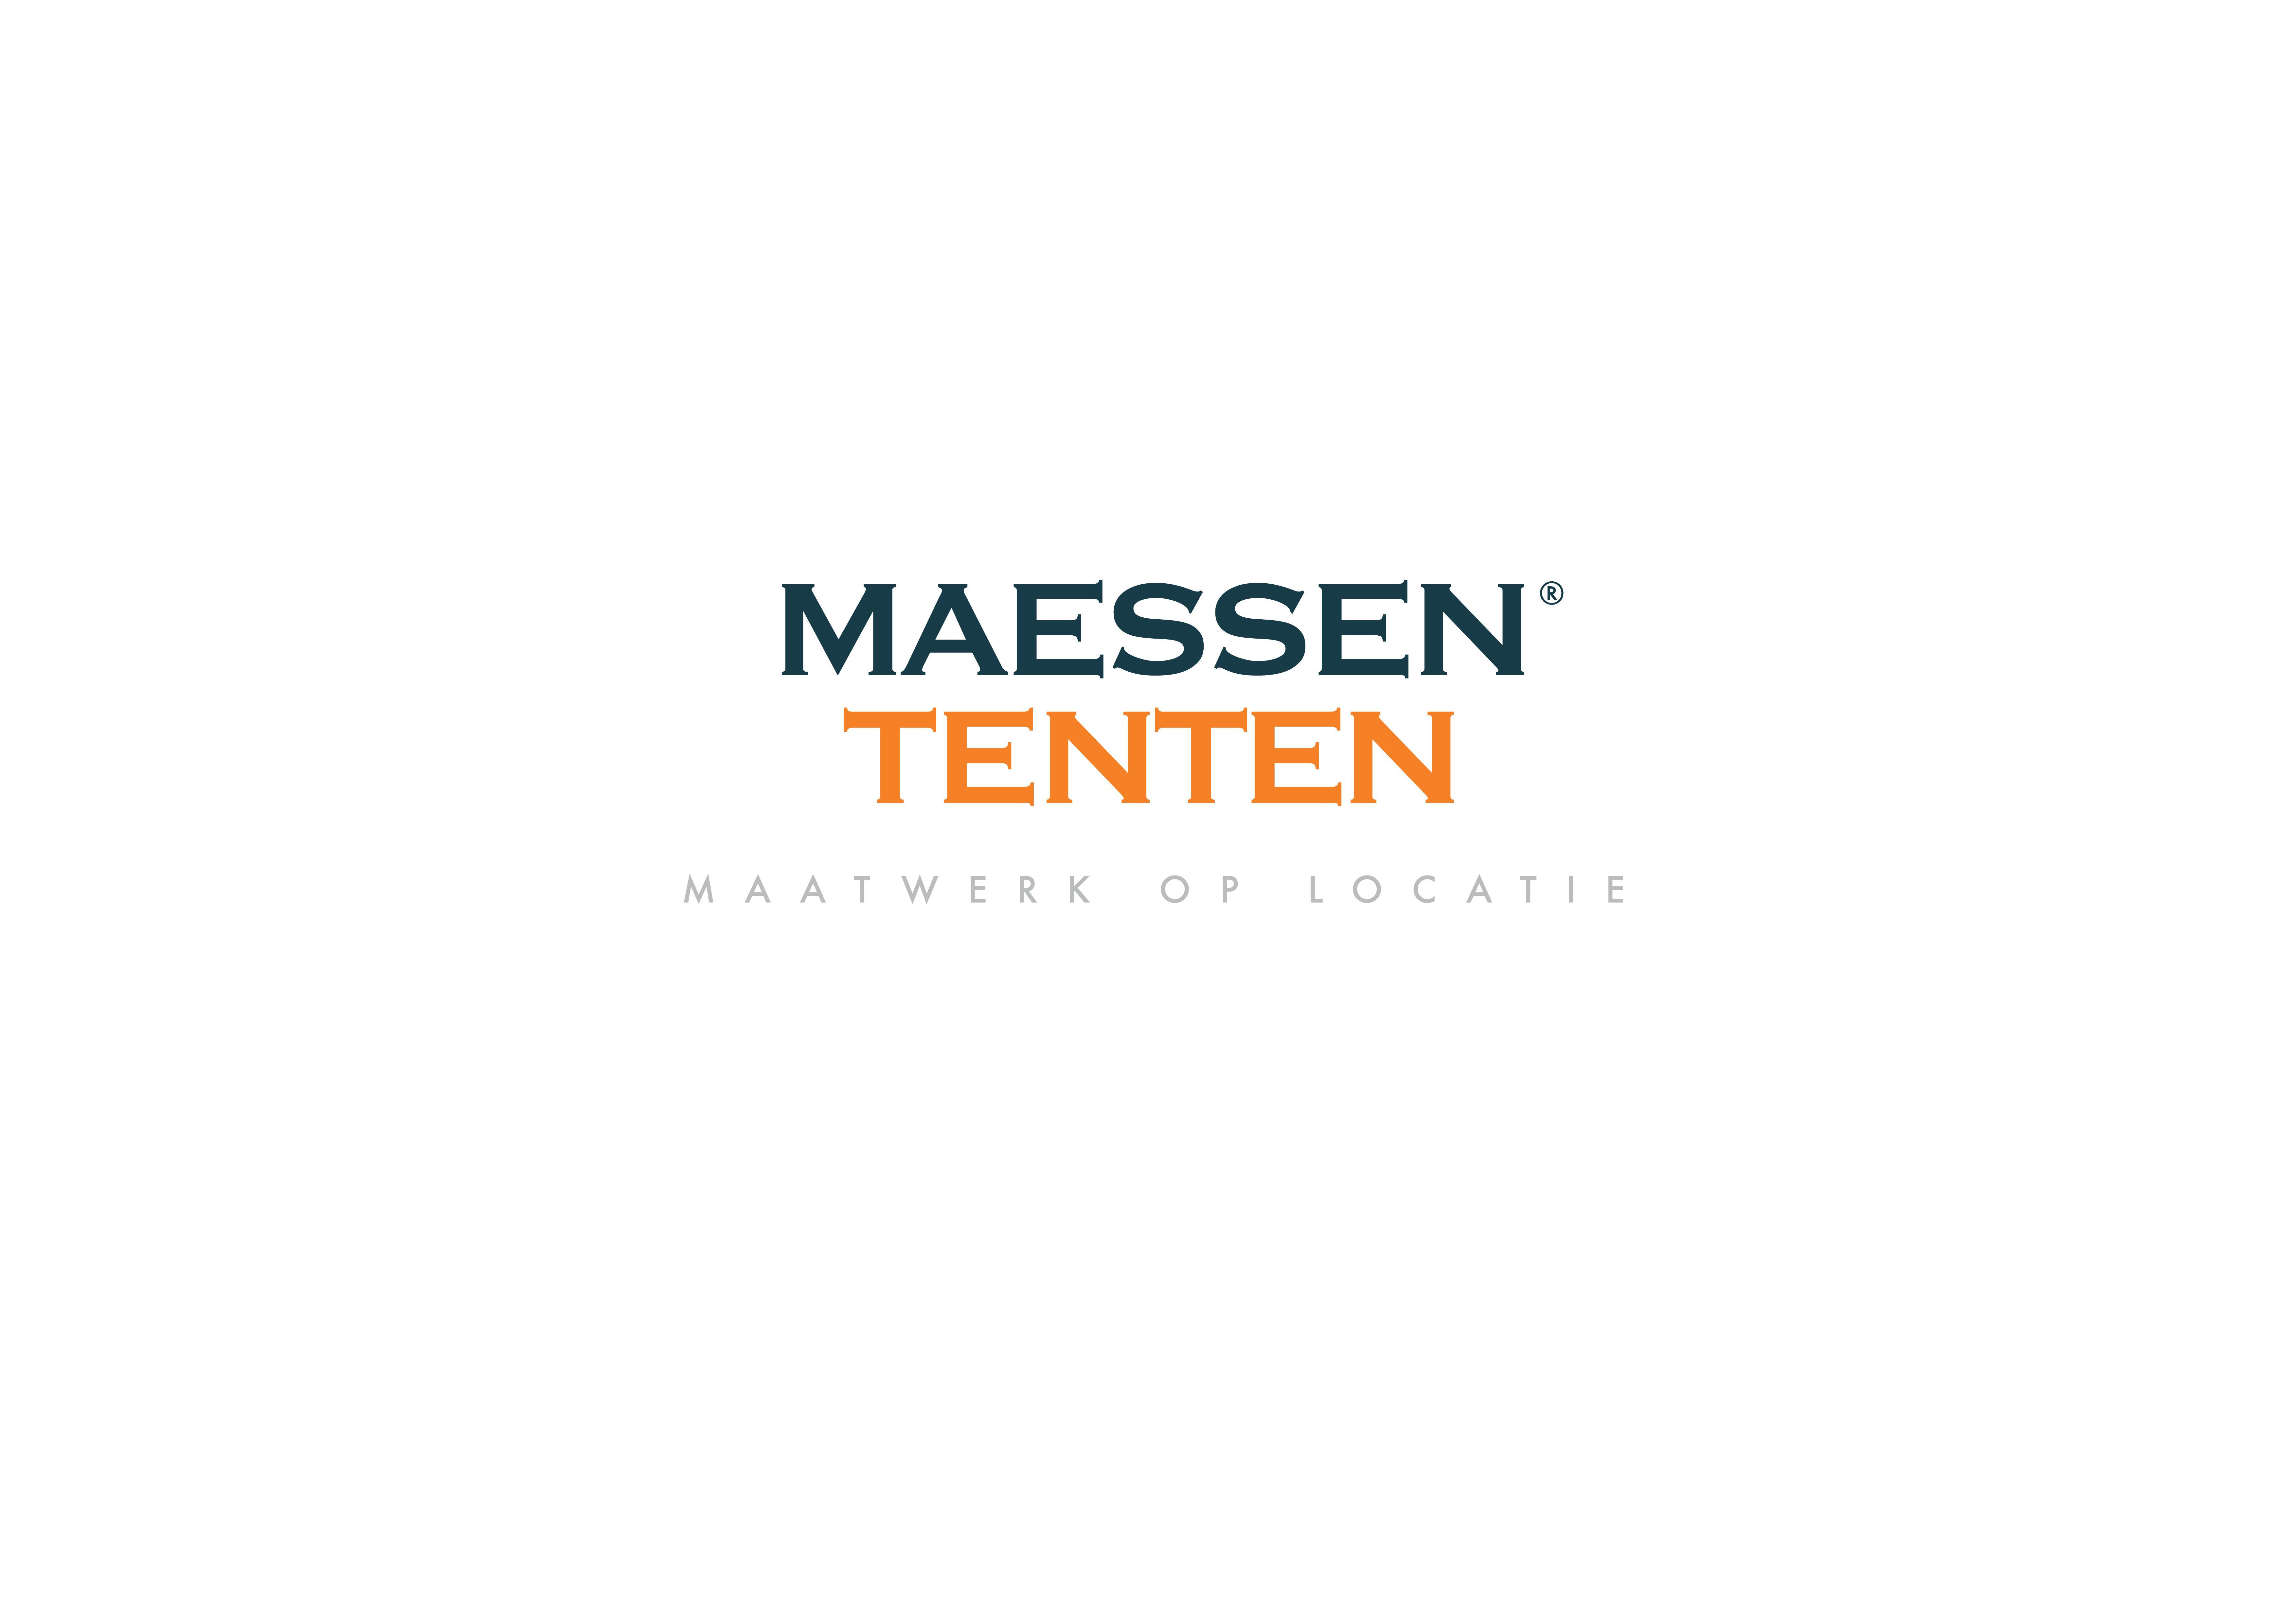 Maessen Tenten